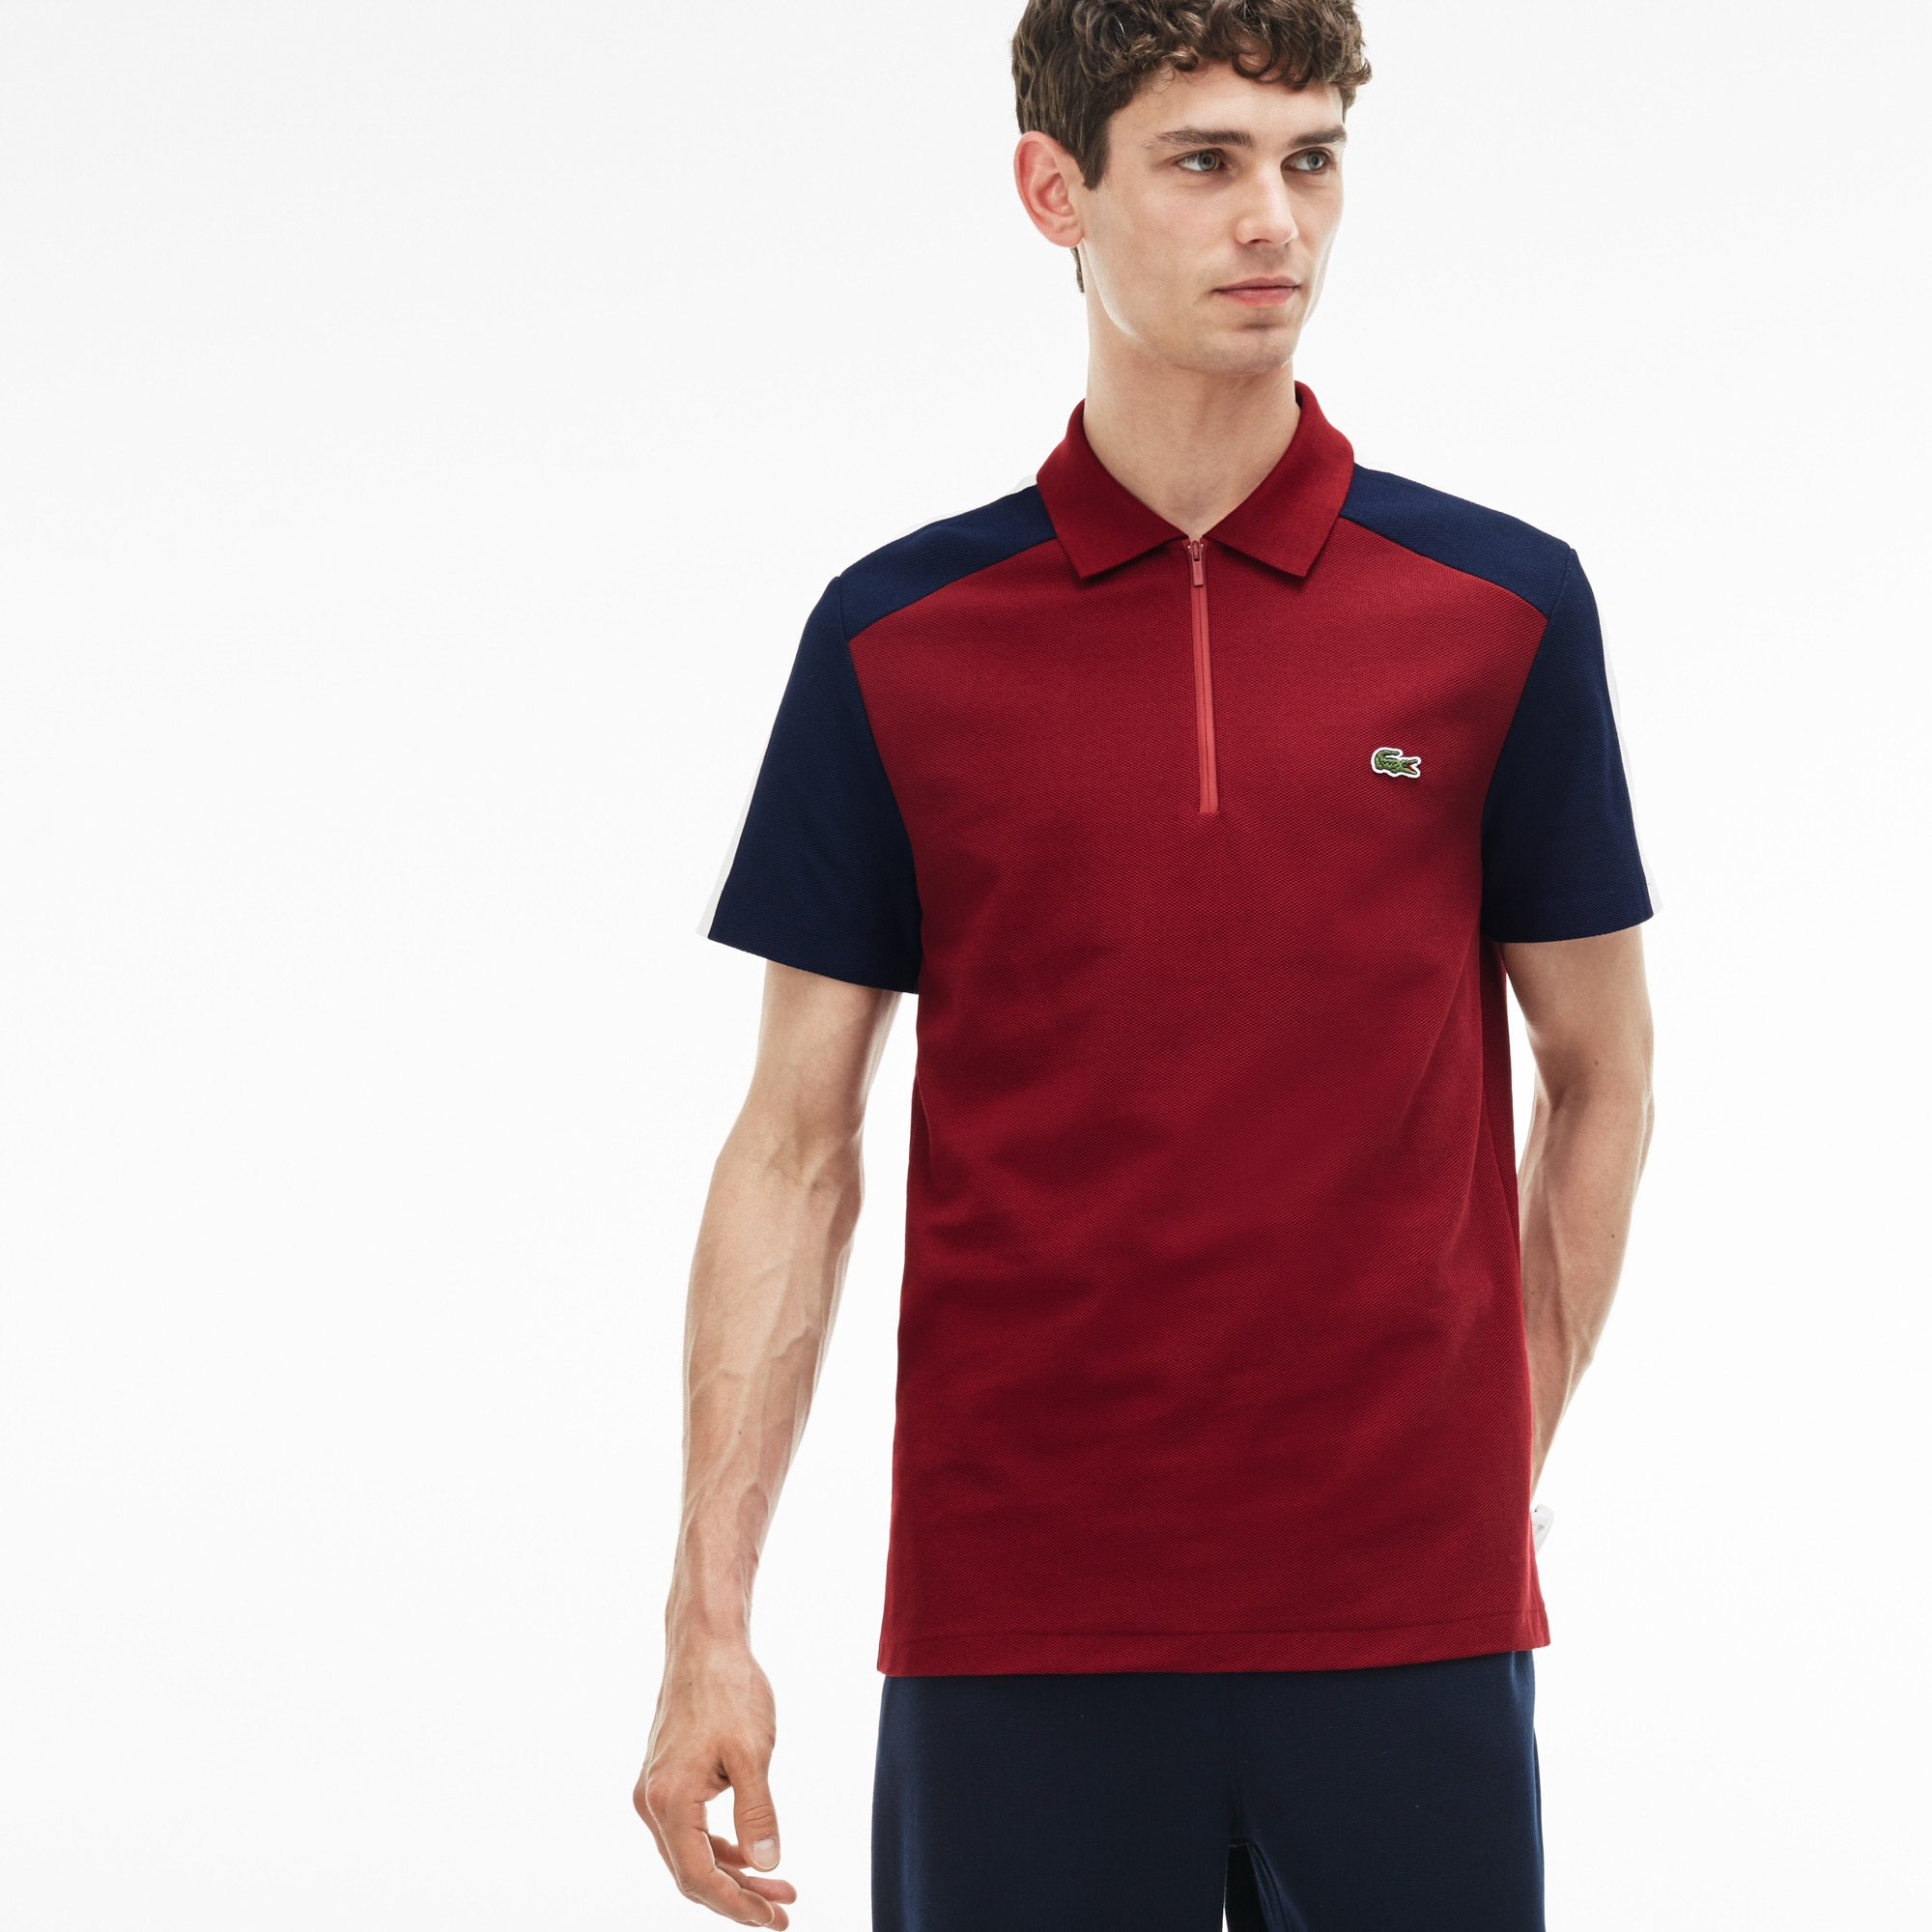 قميص بولو من مجموعة Lacoste Made In France مُحاك بأسلوب بيكيه ذو ألوان متباينة وقصة منتظمة